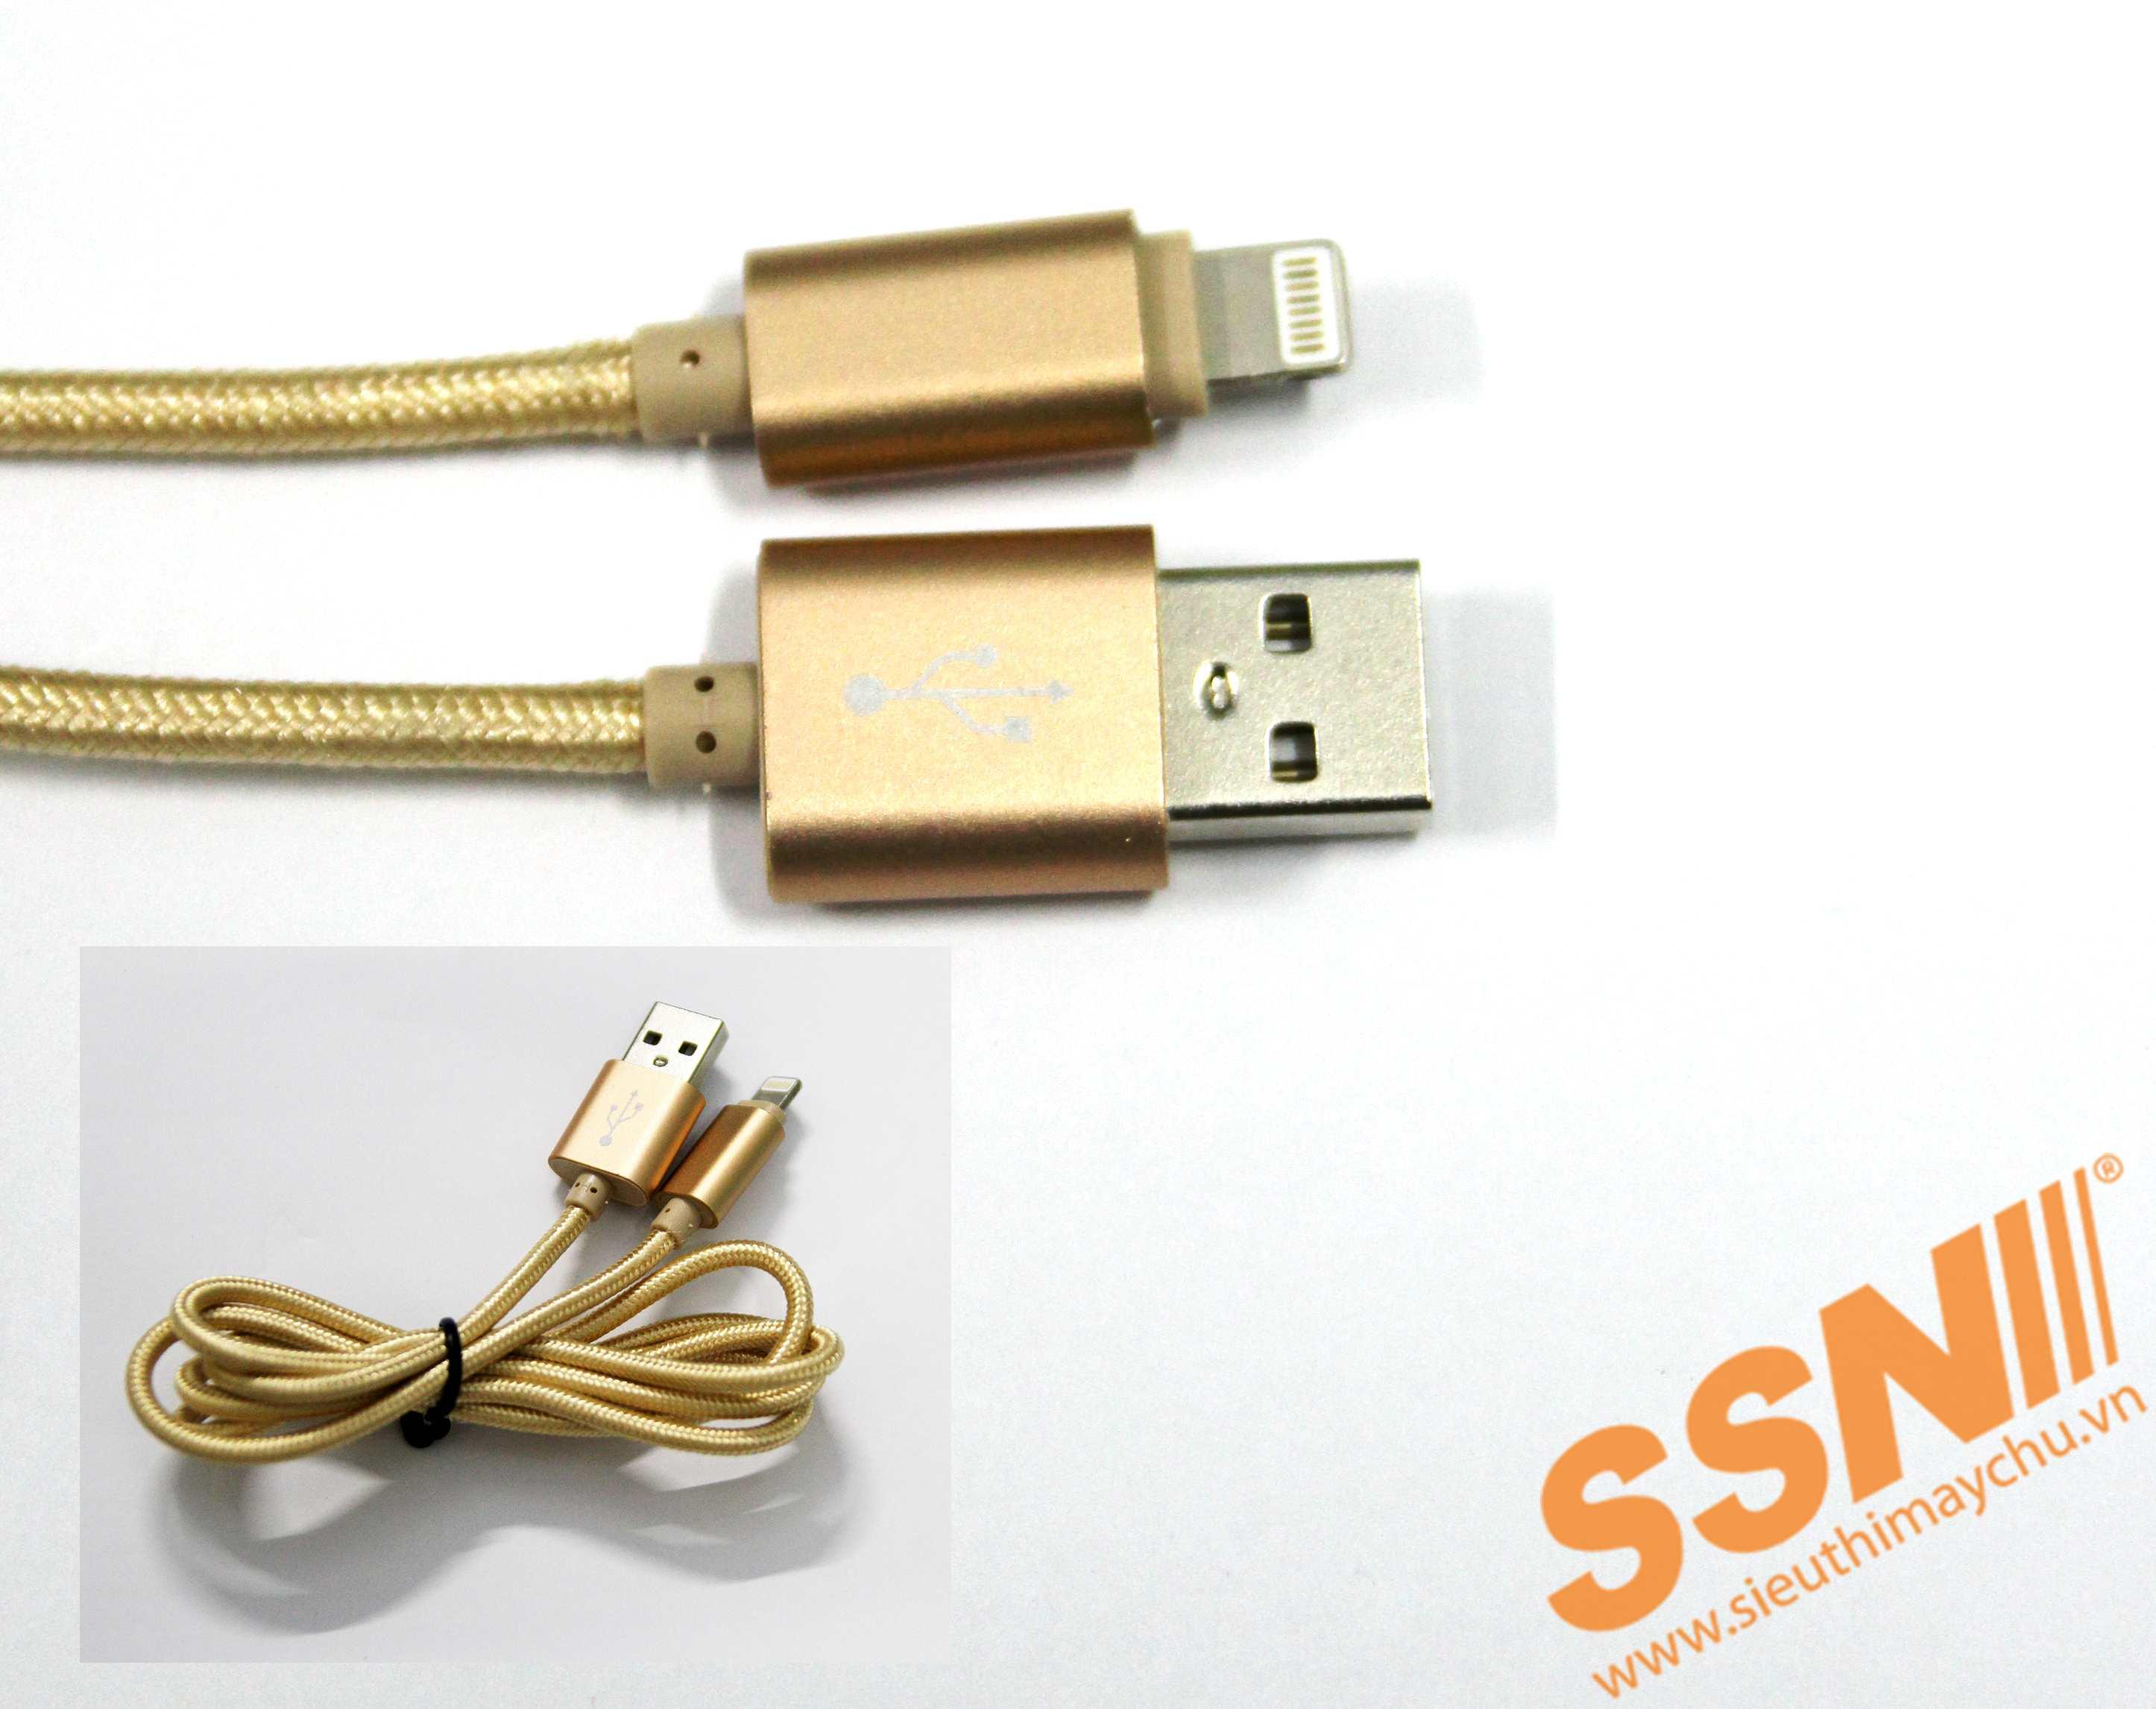 CÁP SẠC USB-LIGHTNING-VÀNG